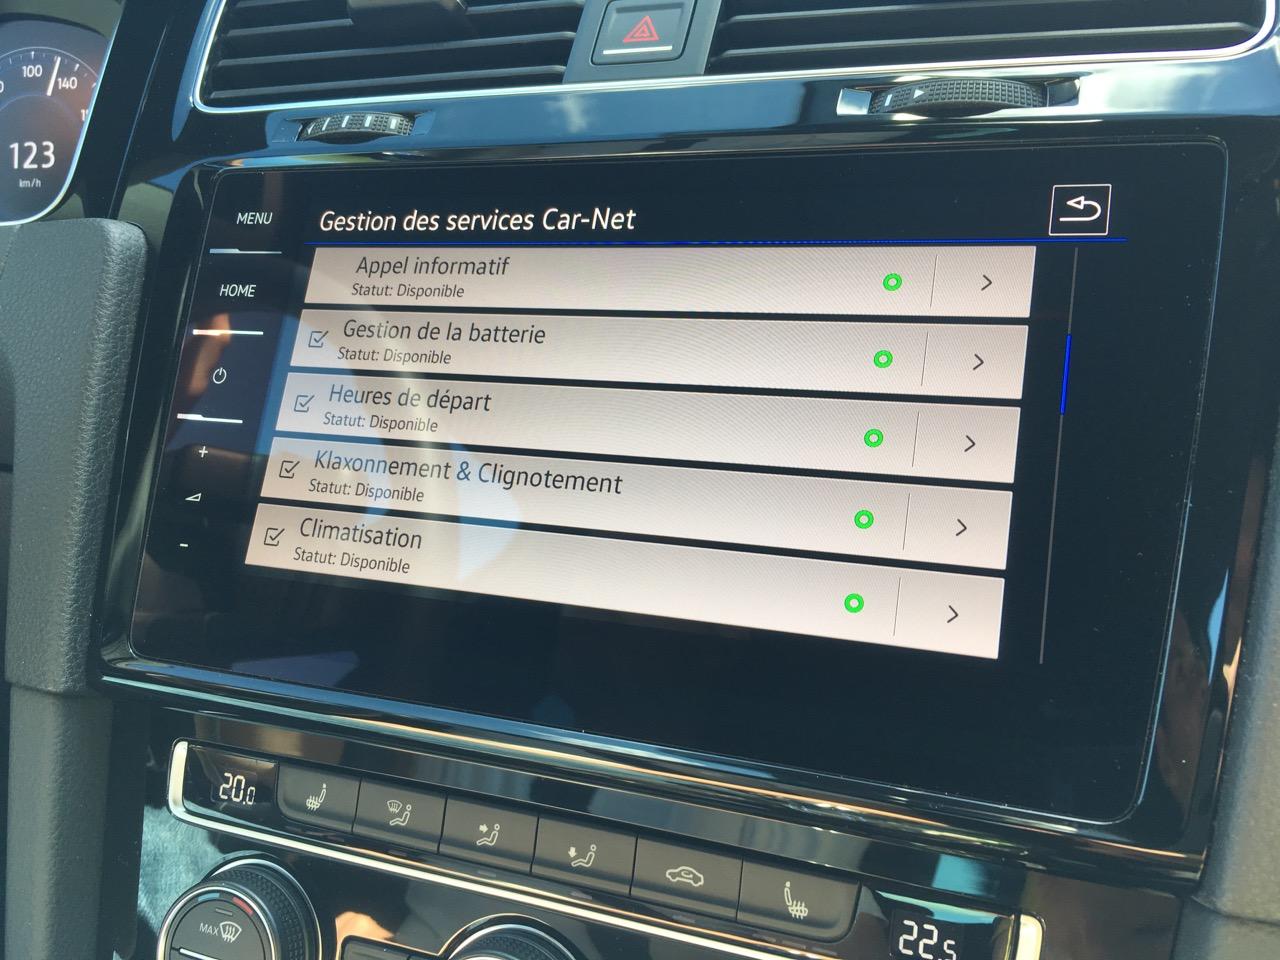 Tech Fonctionne Car Net Numerama Comment ZiuXOPk